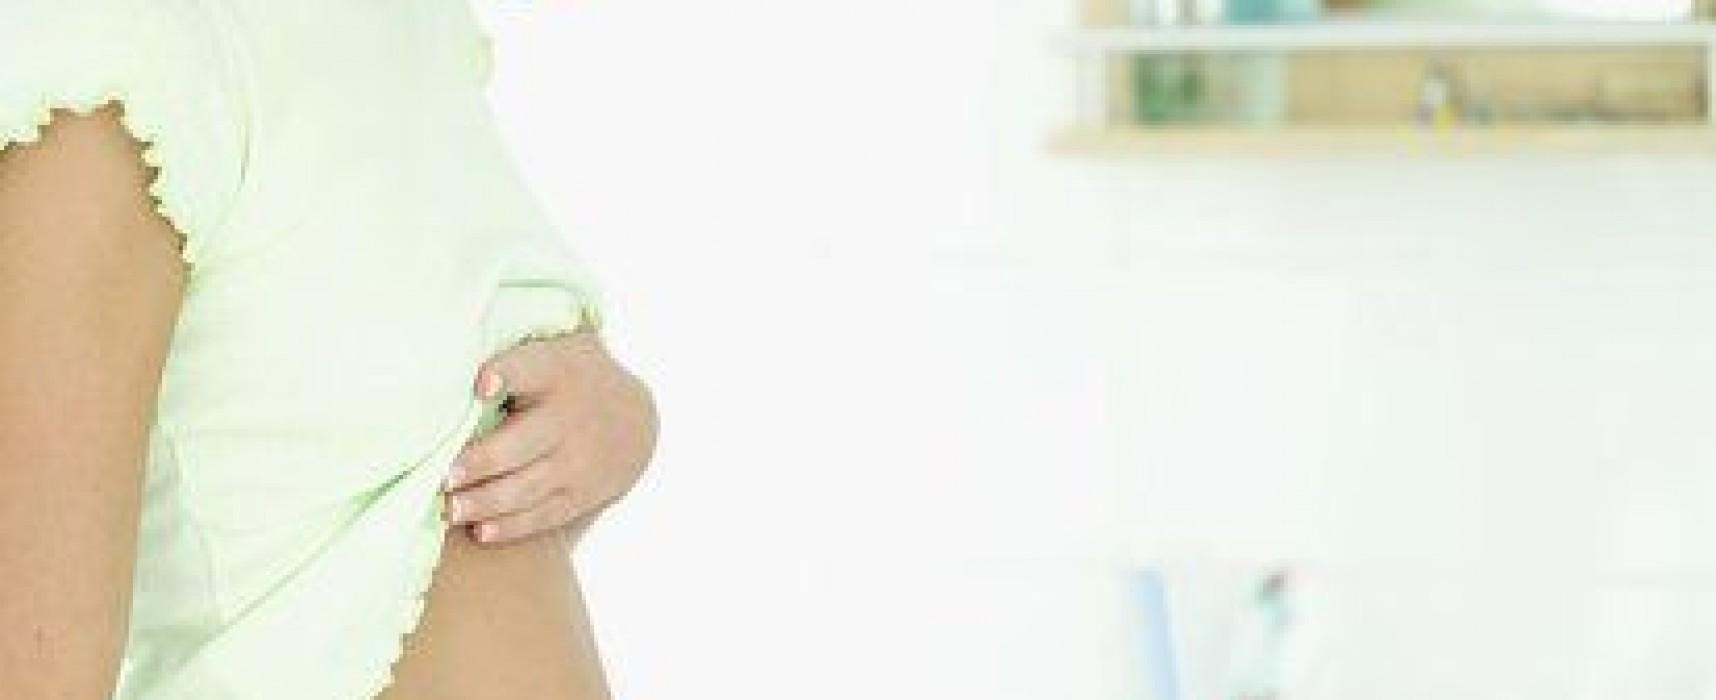 Нет прыщей перед месячными признак беременности